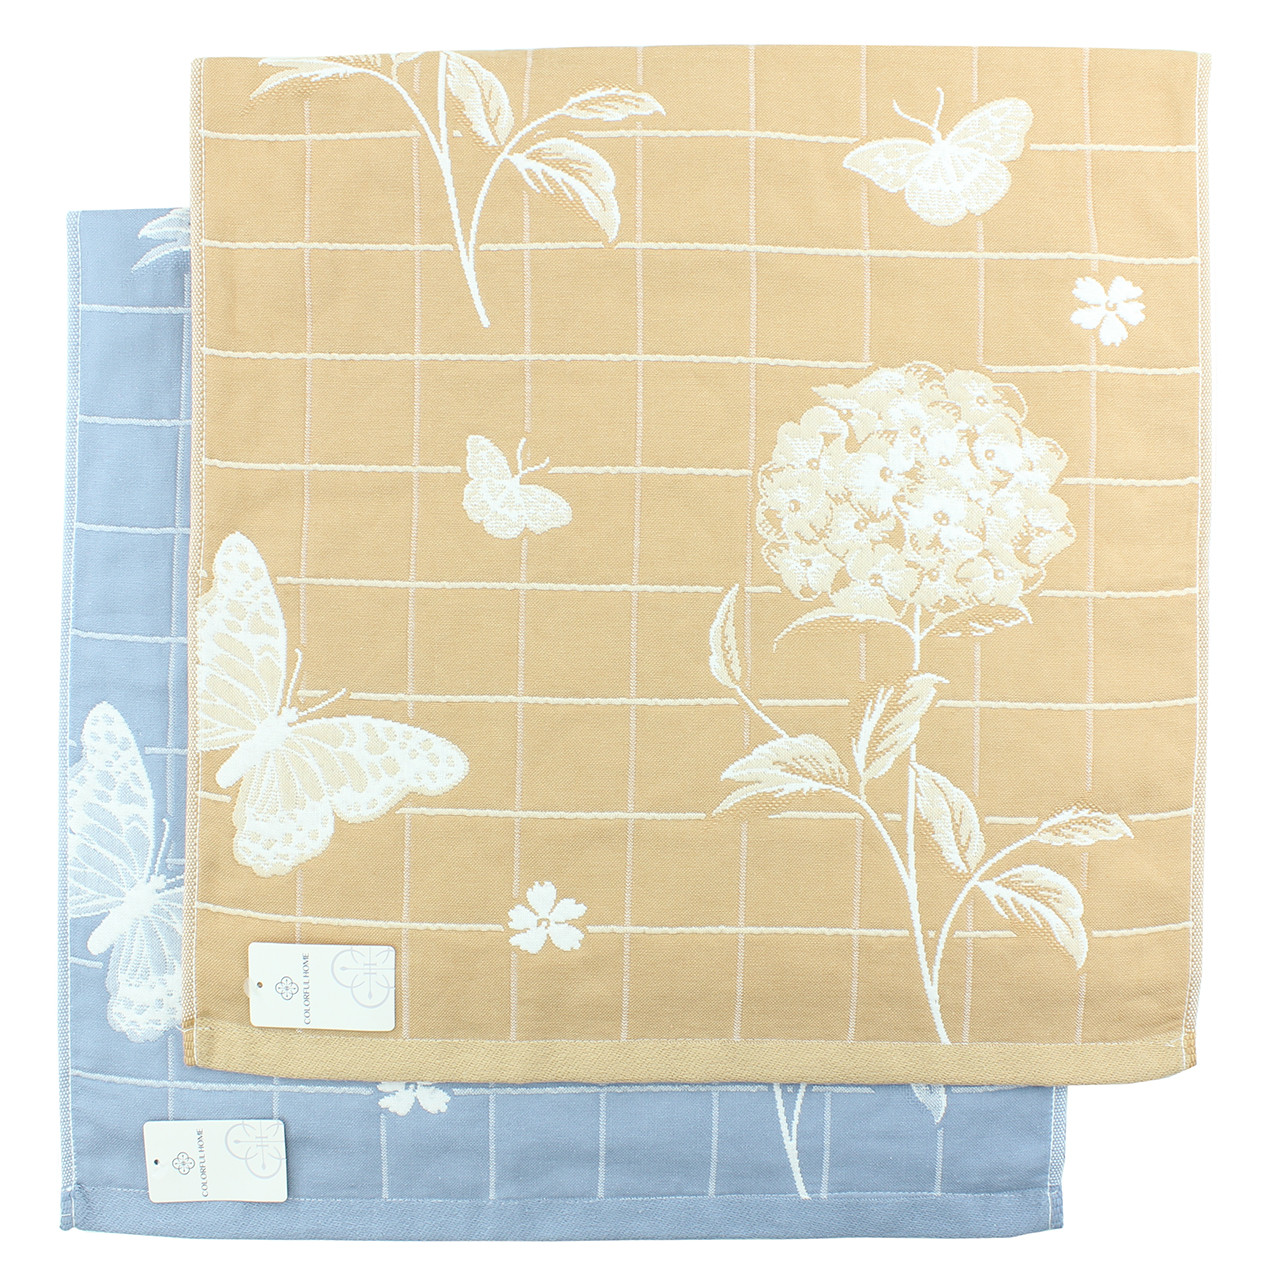 Полотенце для рук и лица 50x100см Бабочки, льняное лицевое полотенце